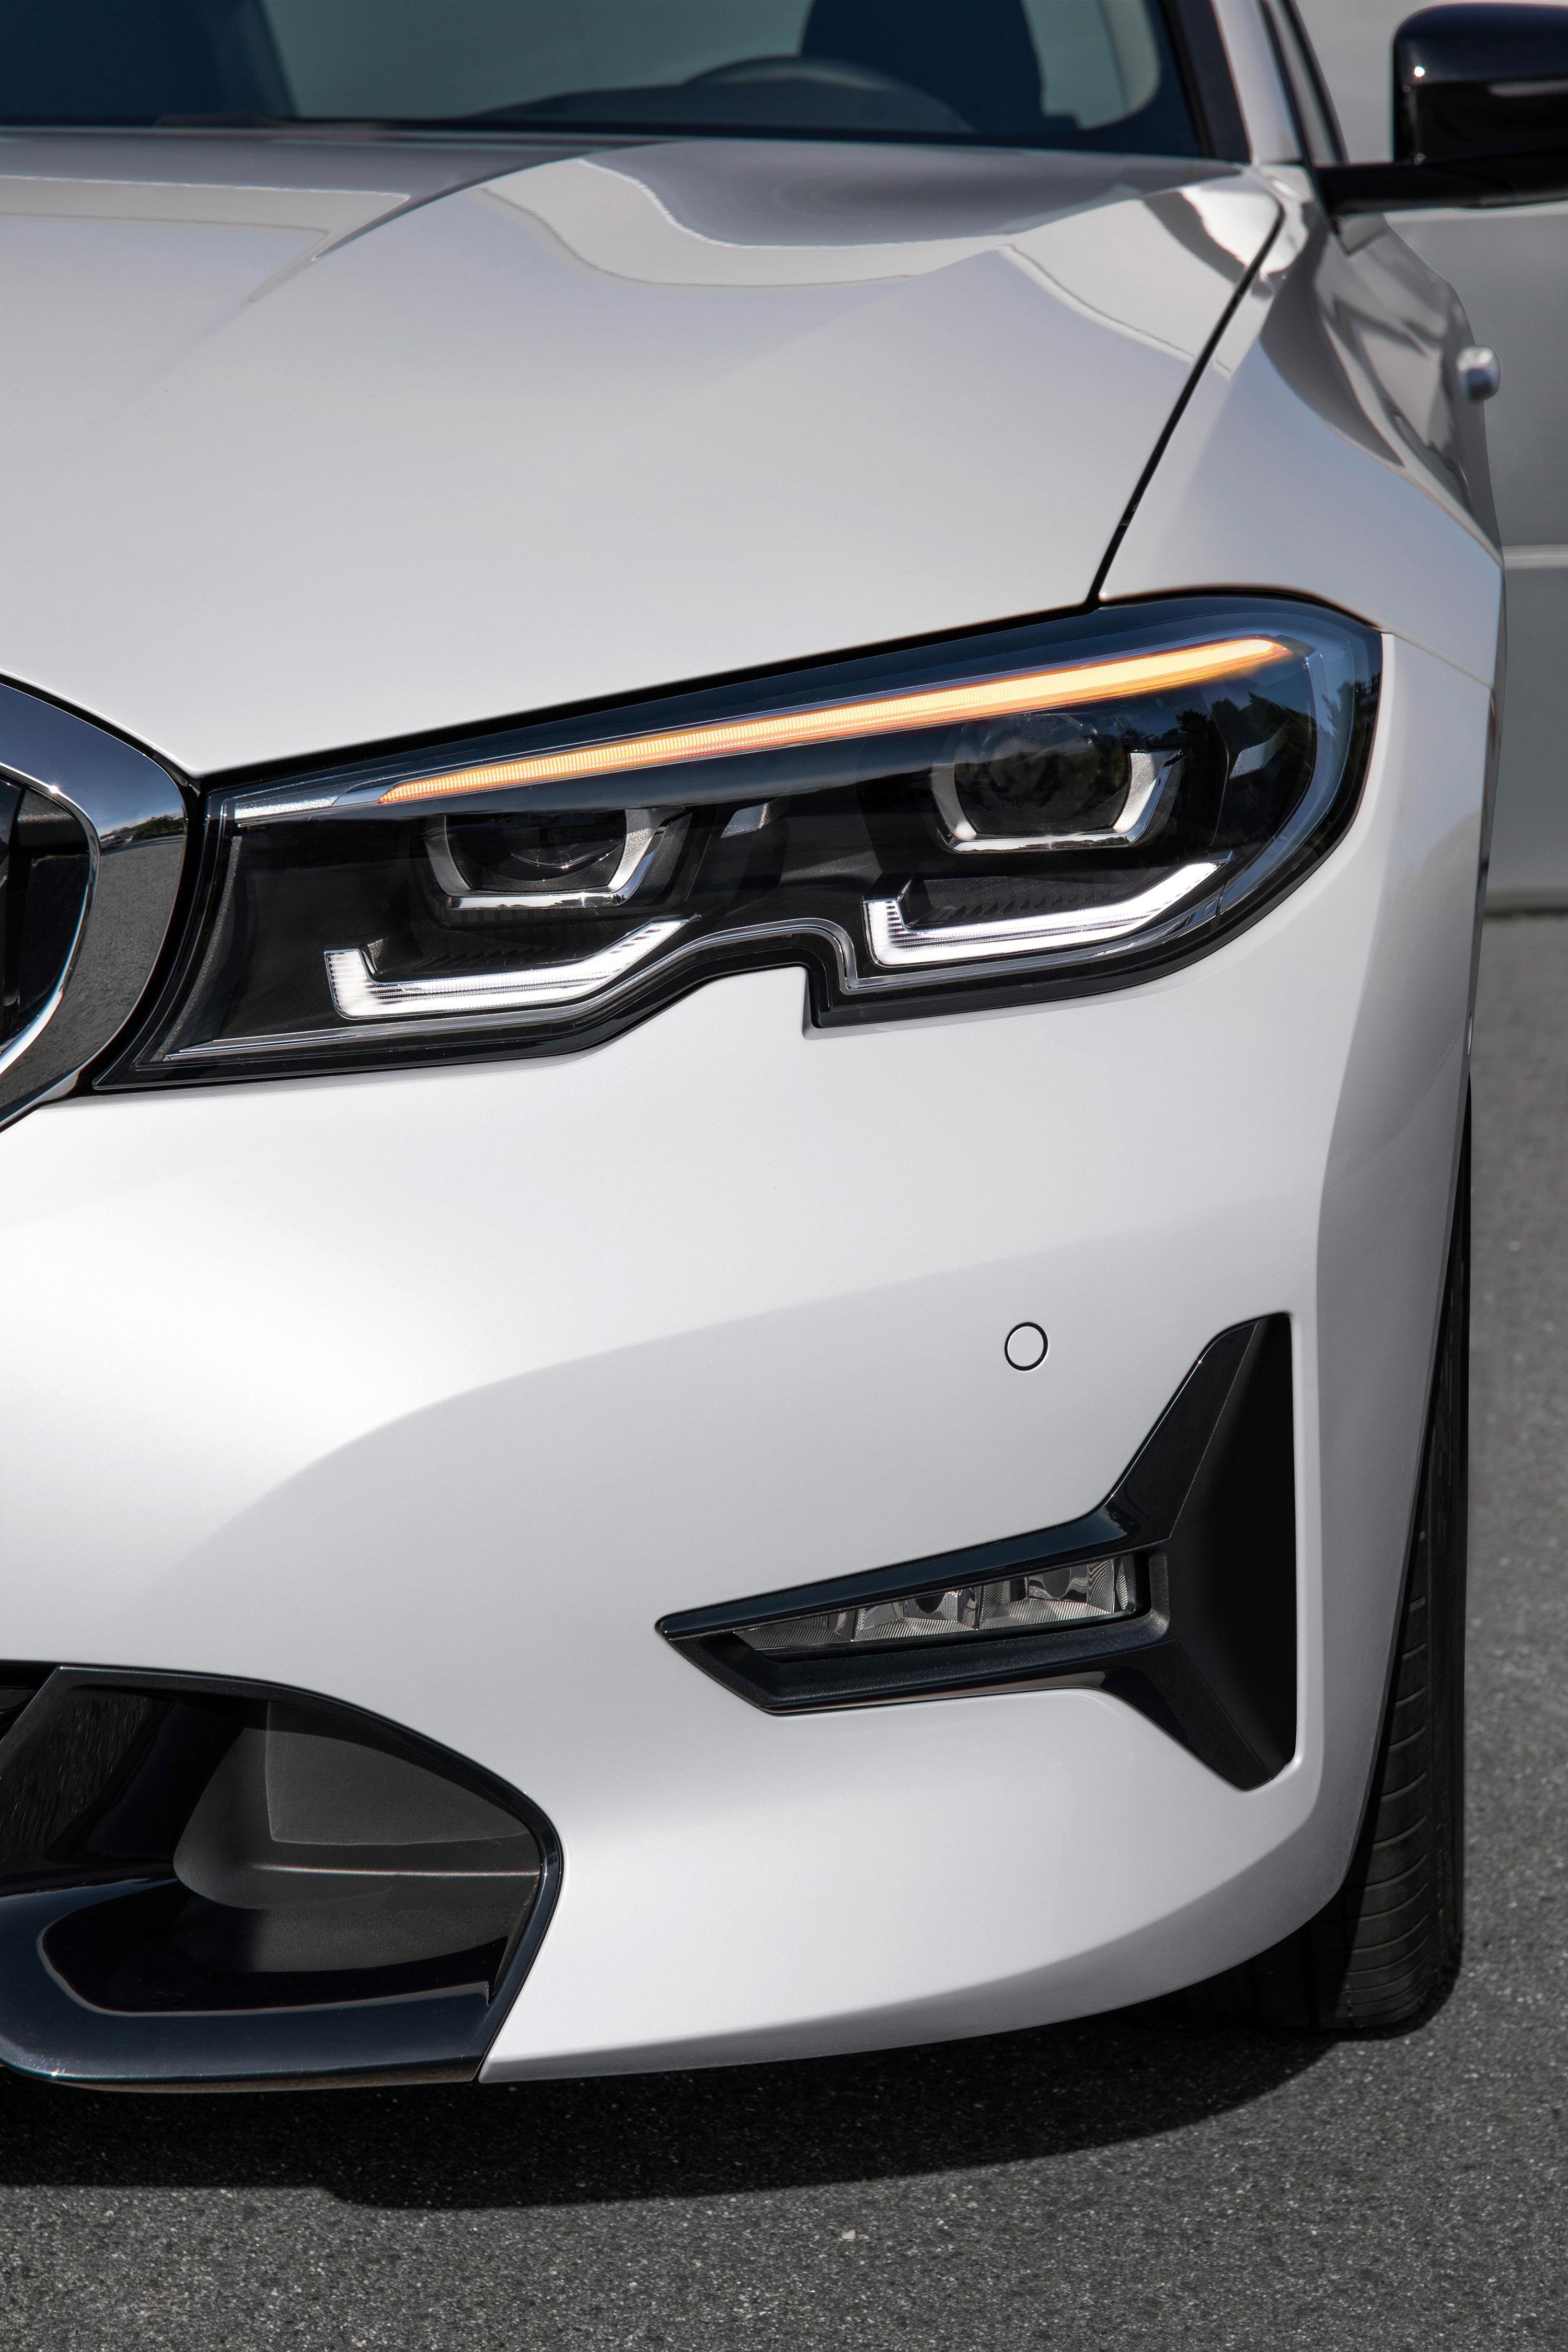 BMW Série 3 2019 - Farol 01